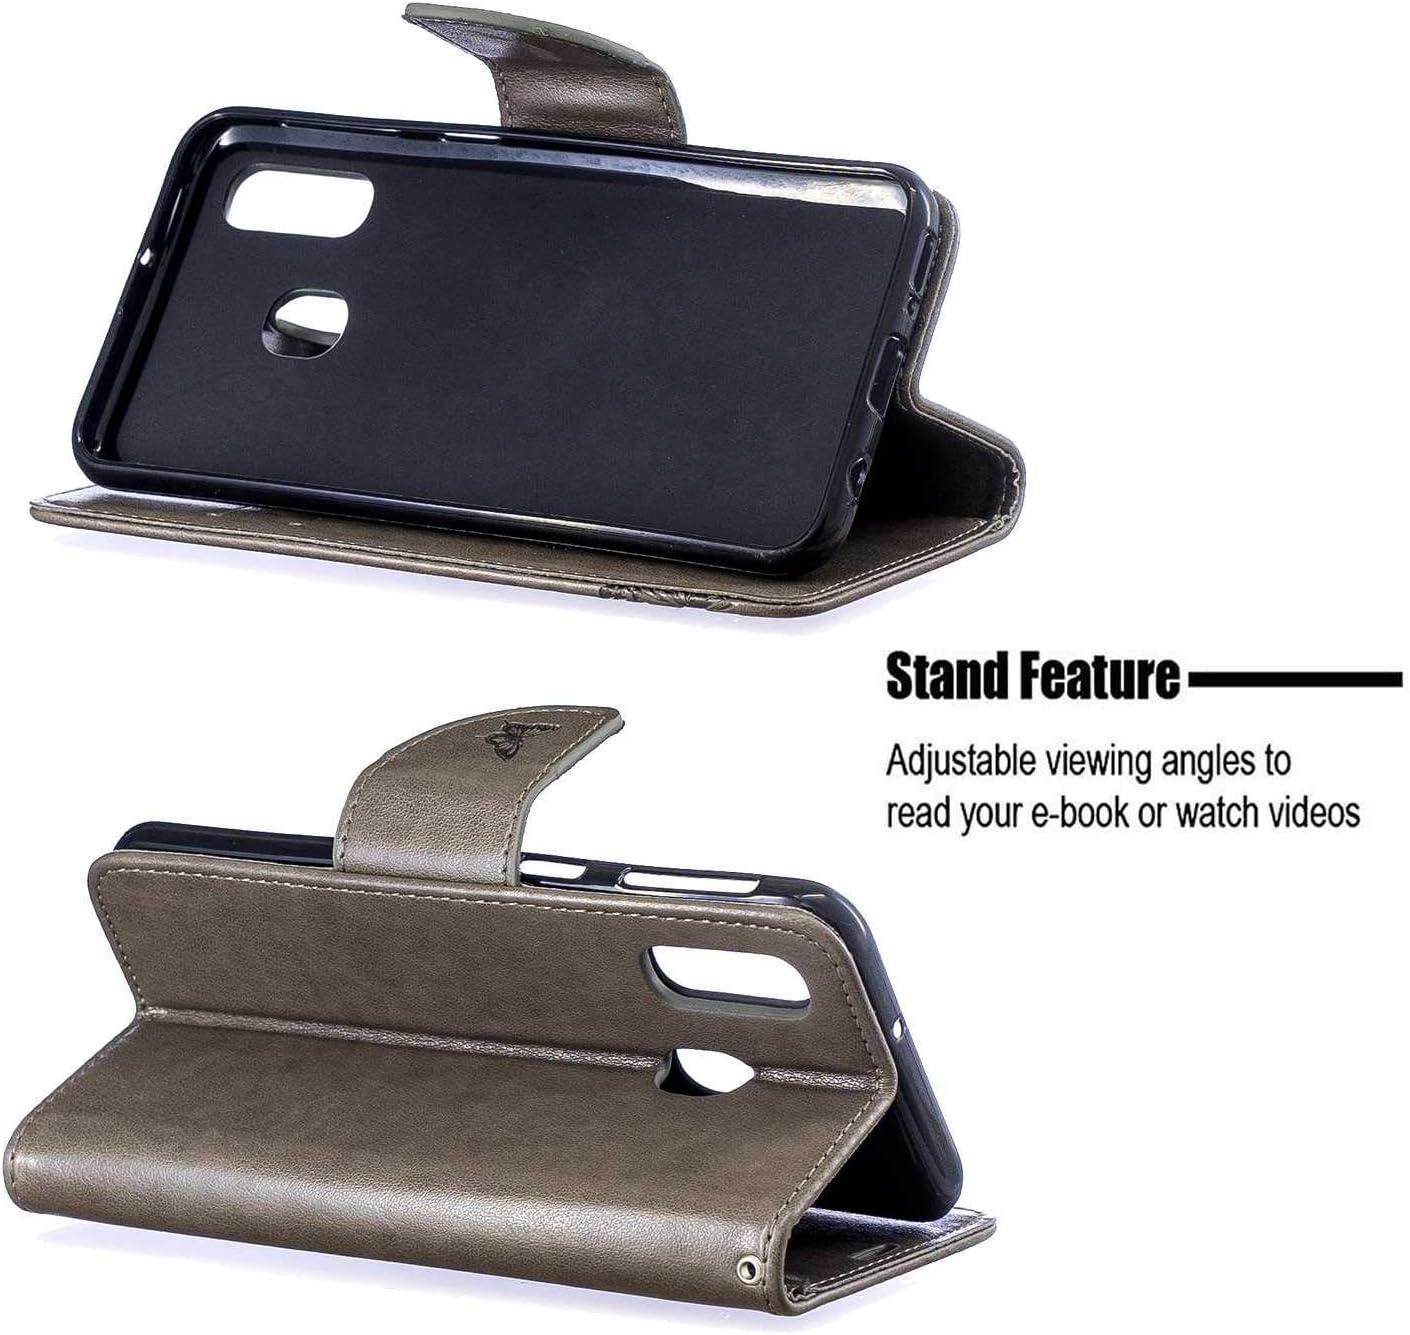 DENDICO Coque Galaxy A70 Coque Etui Housse pour Samsung Galaxy A70 Gris Protection Portefeuille en Cuir avec Fonction Support et Emplacement de Cartes